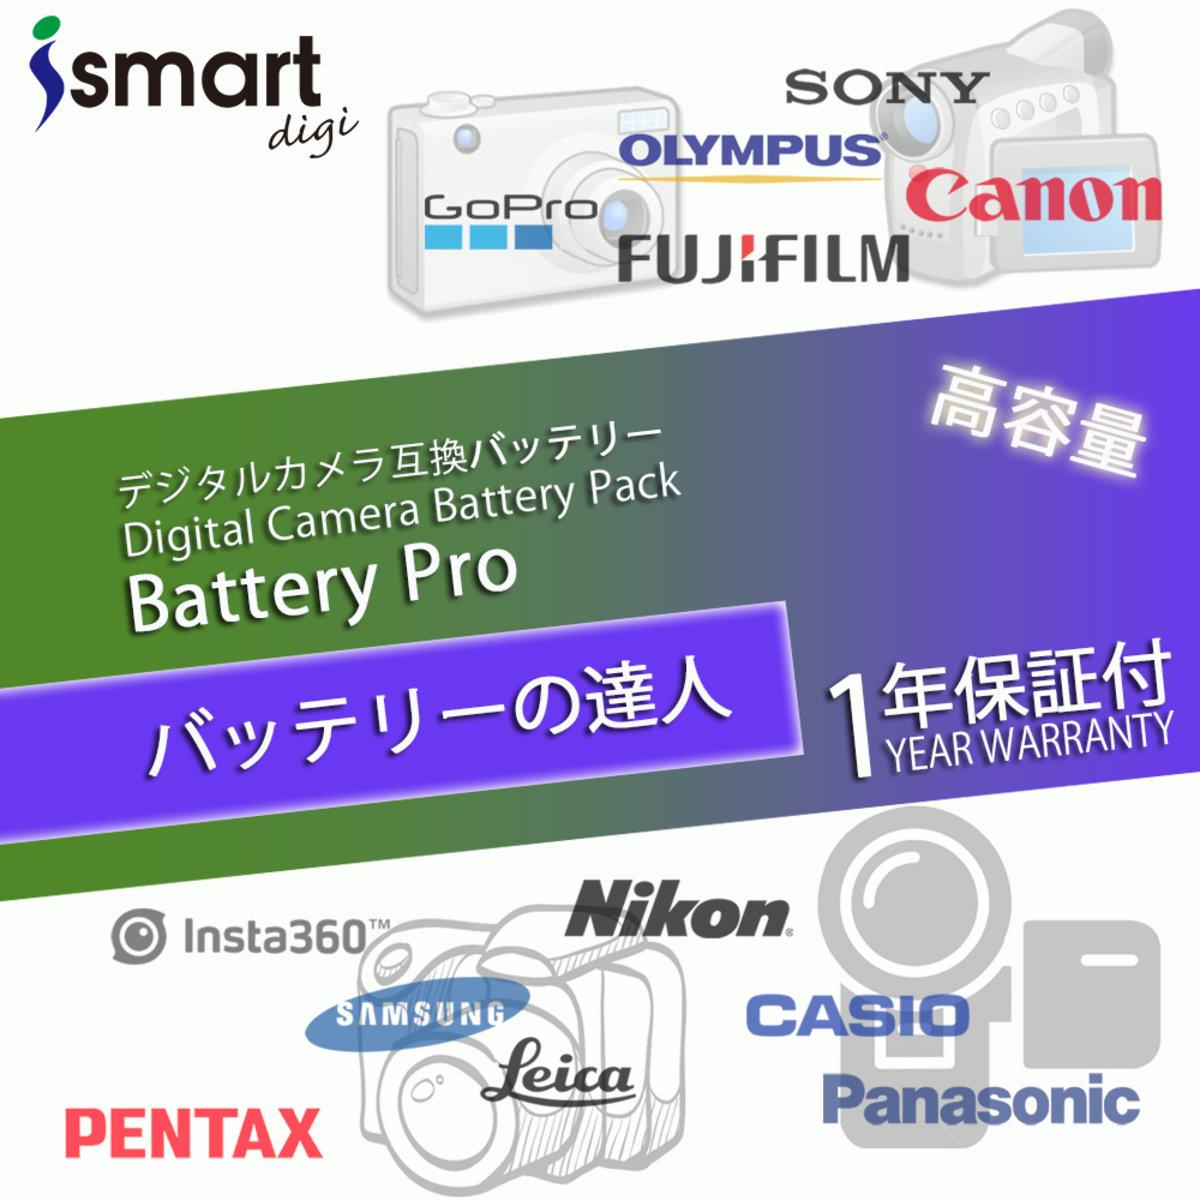 富士數碼相機電池(適合:FUJIFILM X-Pro1 / X-E2 / X-E1 / X-M1 / X-A1 ,X-A2,X-A3)